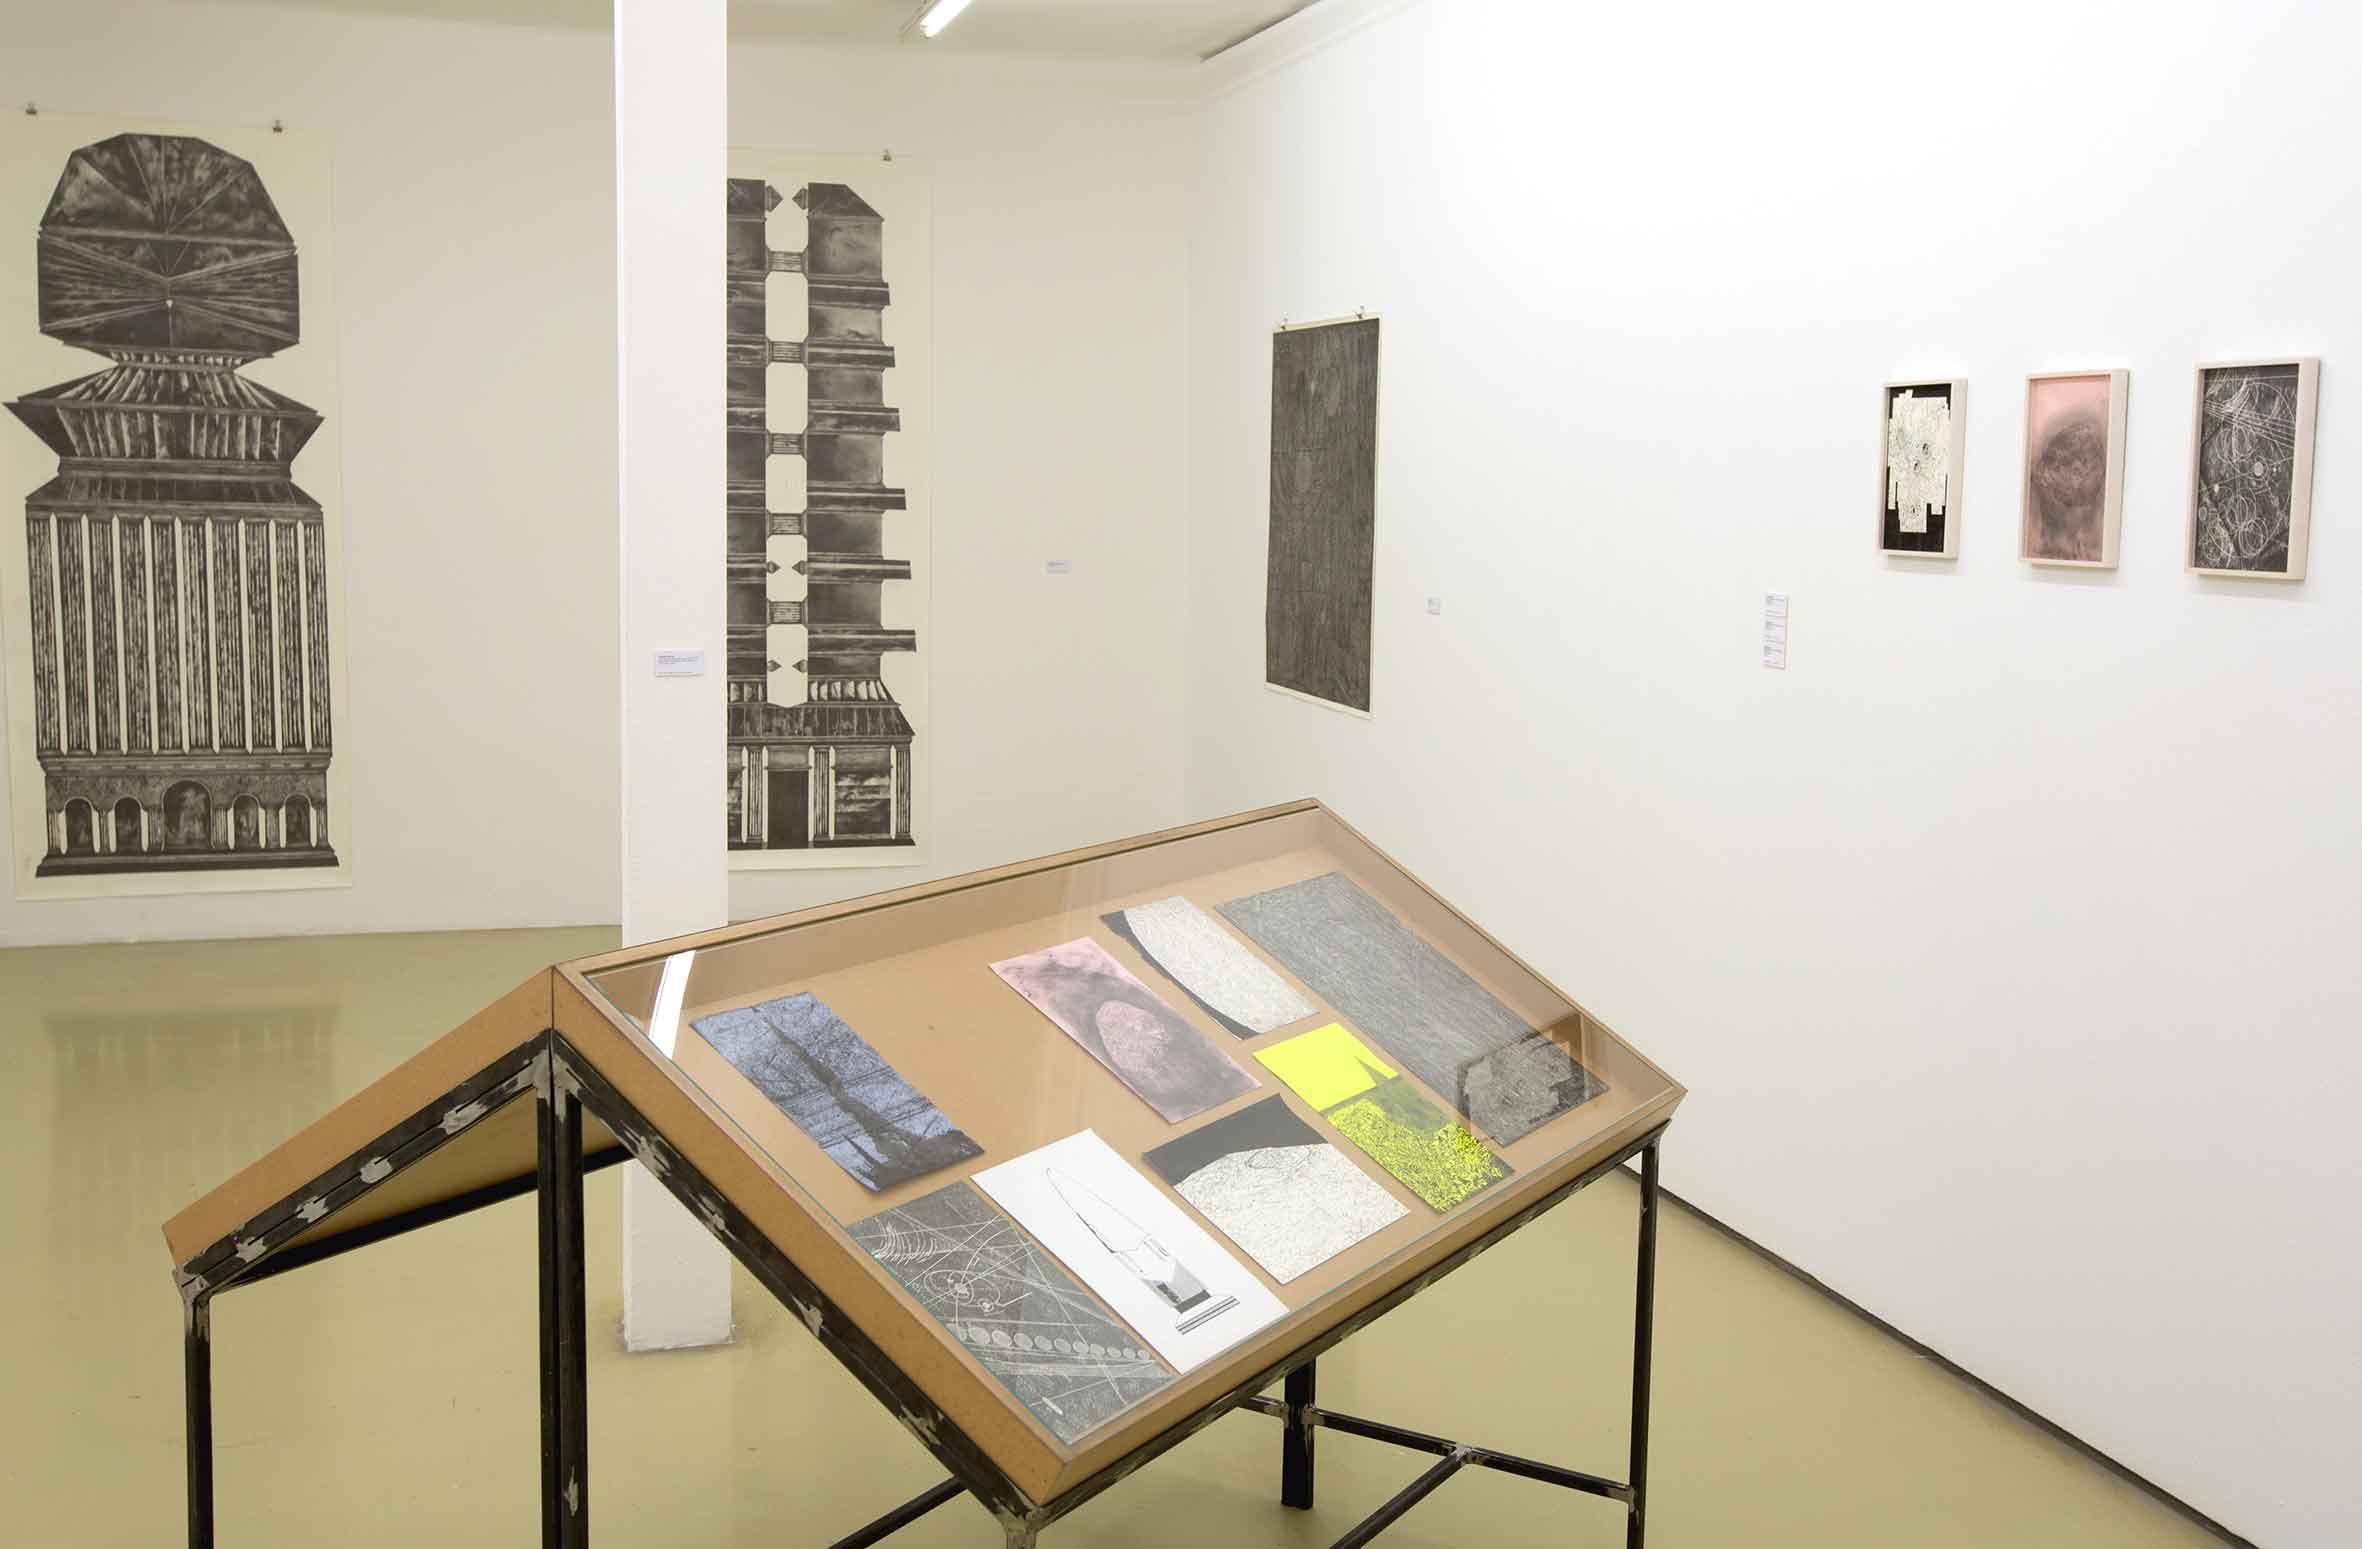 """Ausstellungsansicht """"AIR 2018"""", Krinzinger Projekte Wien, 2019 """"in a dream of suns and moons"""", mixed media auf Papier, Stahl, MDF und Glas, 110 x 150 x 11 cm (Foto: Krinzinger Projekte / Jasha Greenberg)"""